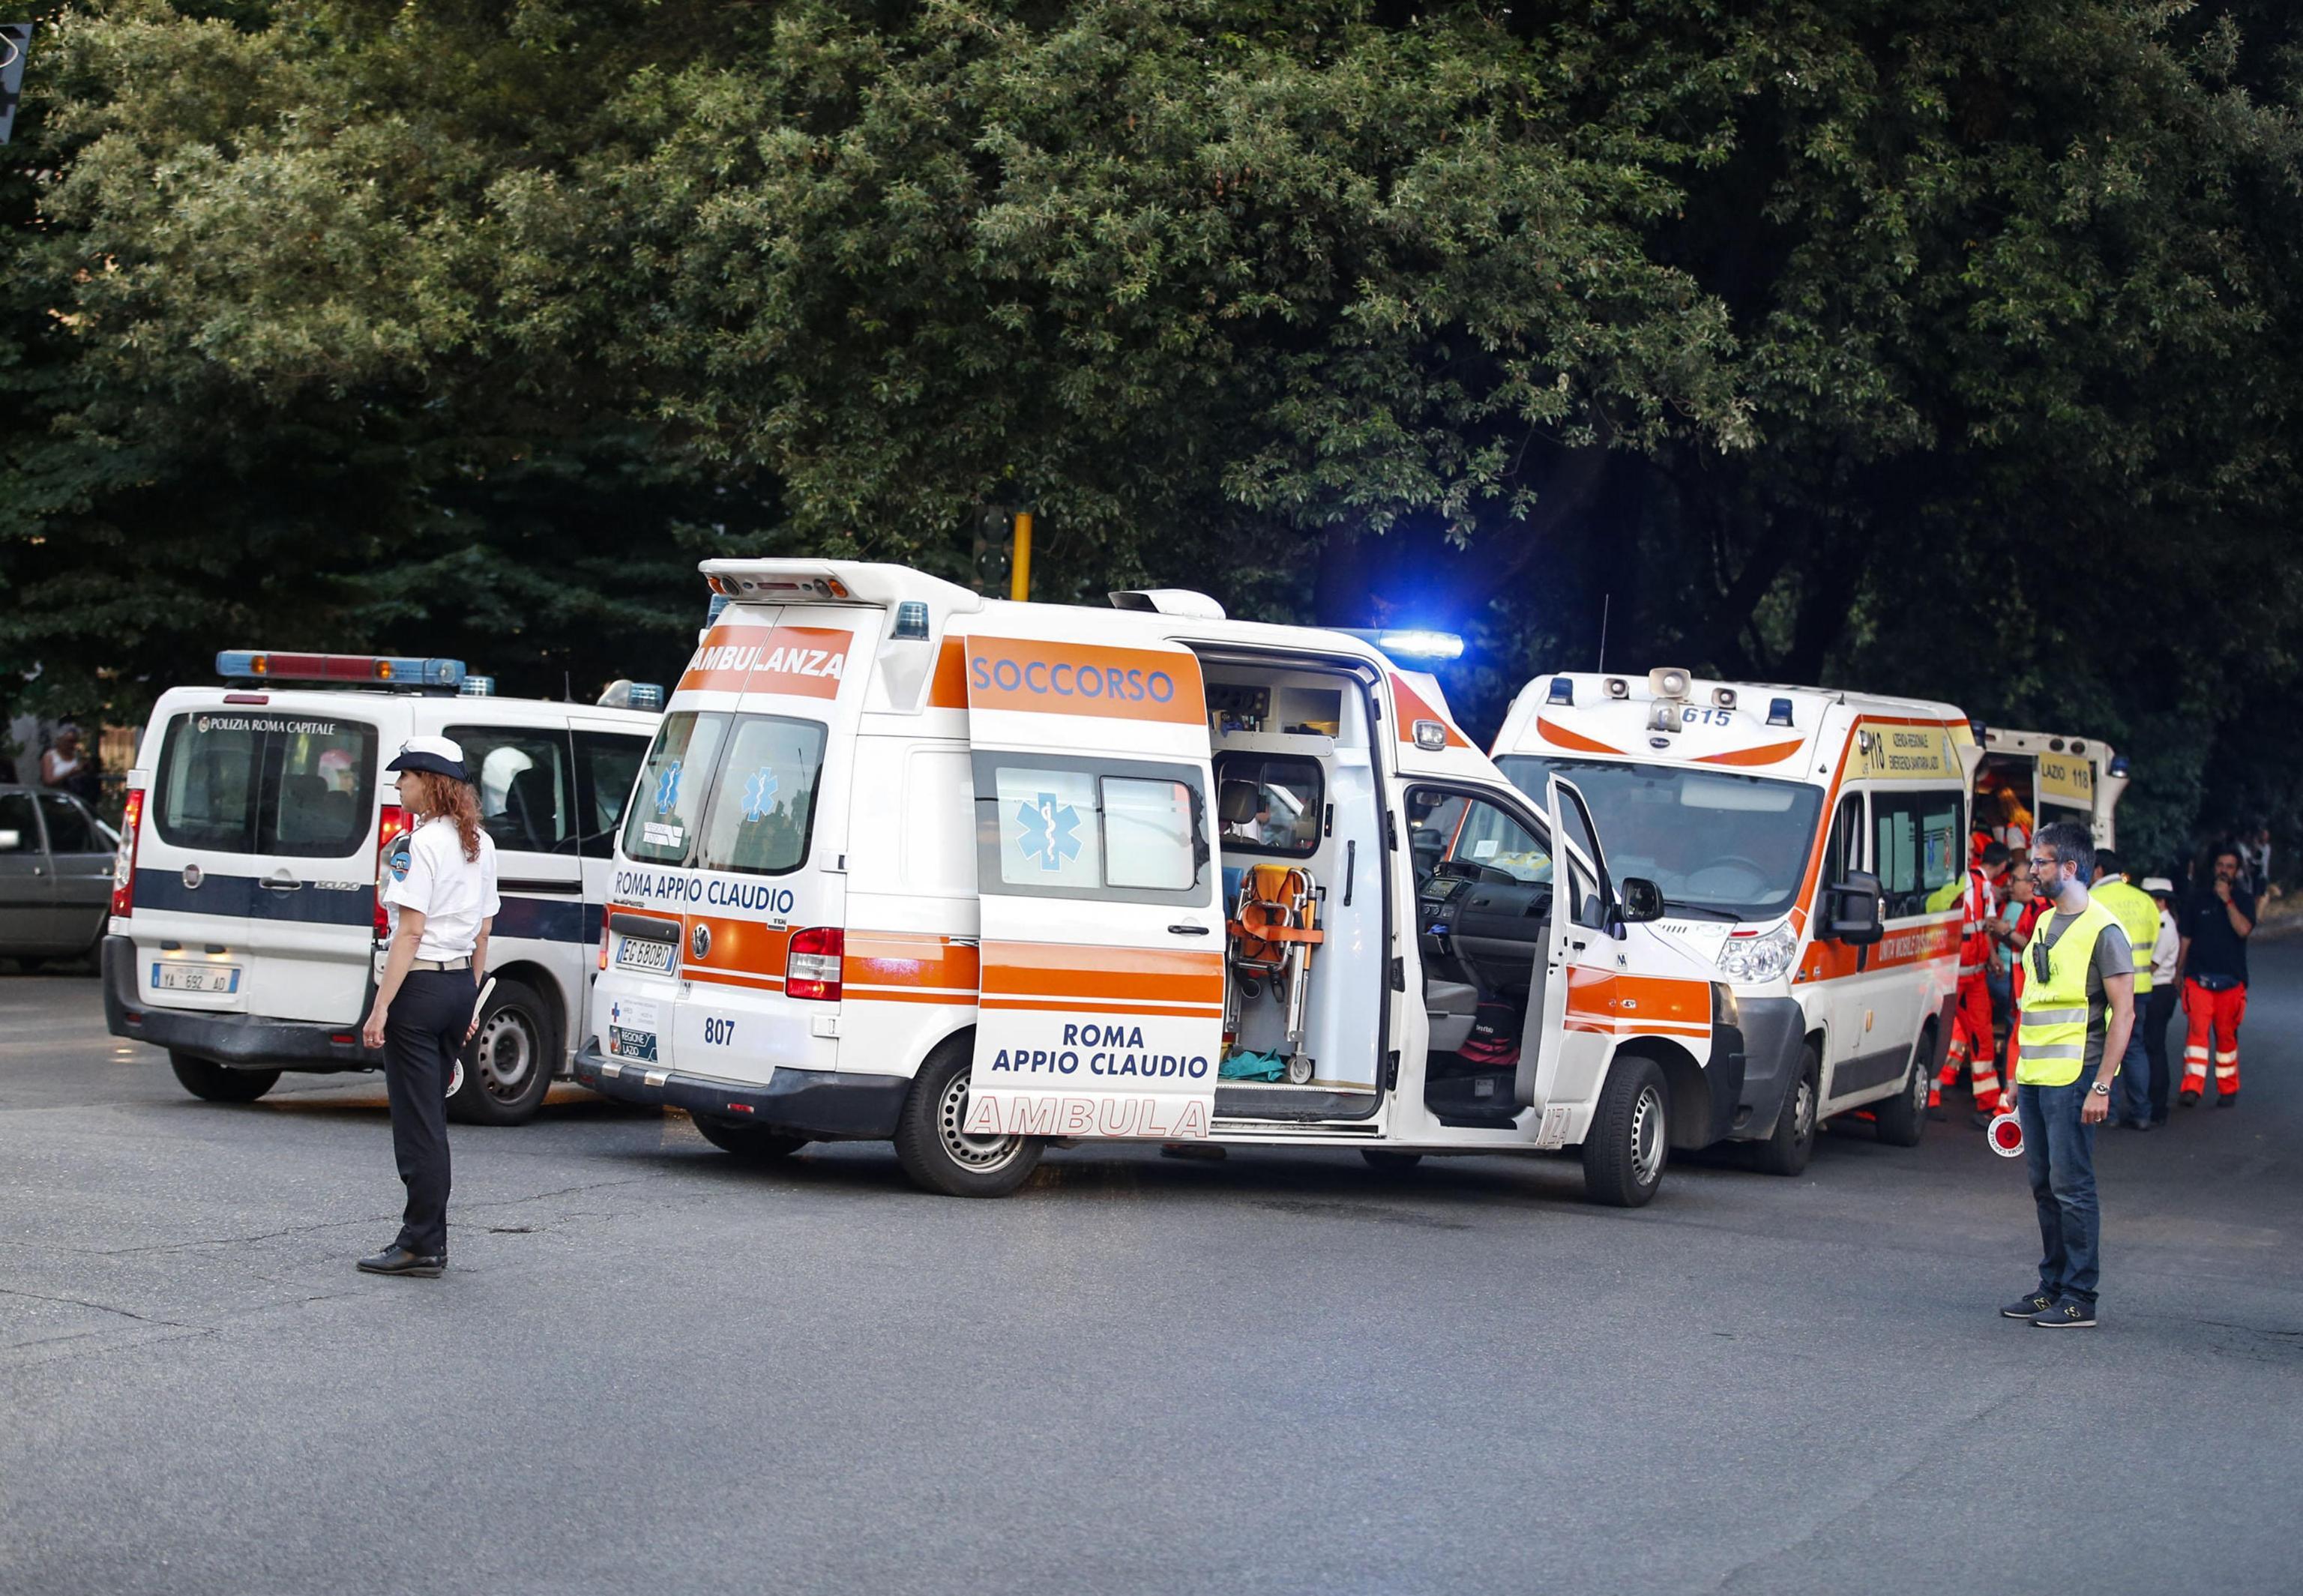 Incidente a Roma: 22enne travolta e uccisa da un bus turistico